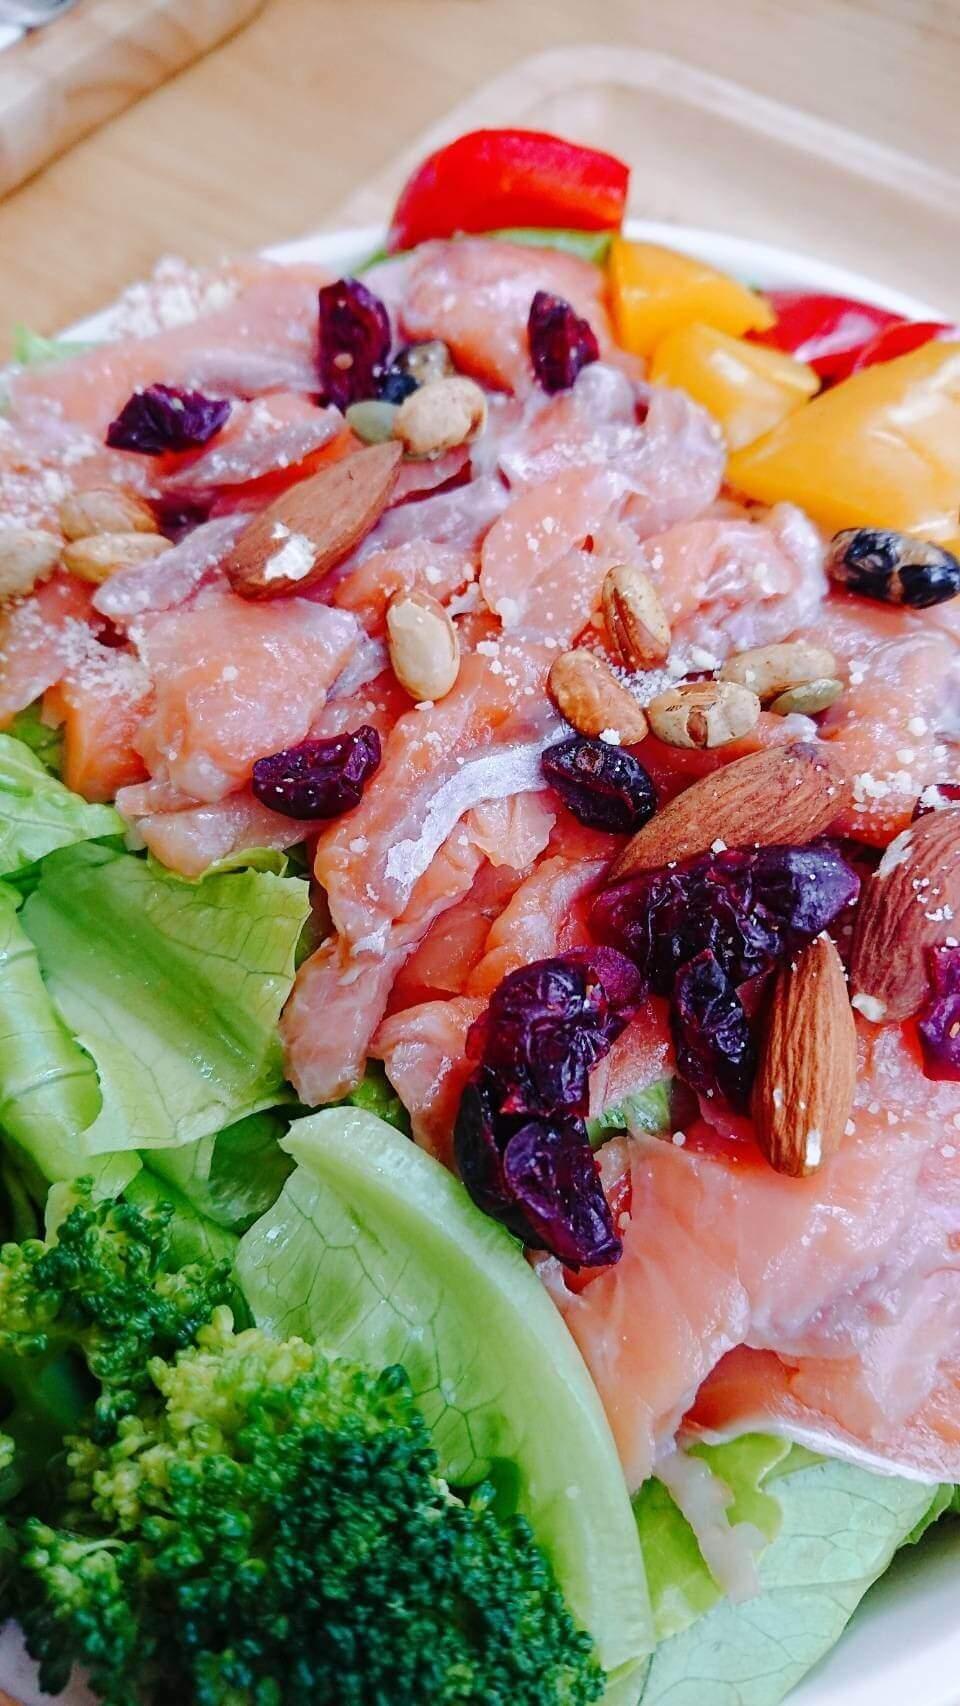 【花蓮壽豐】依山午–超美的六角形木造建築與自種的美味生菜沙拉